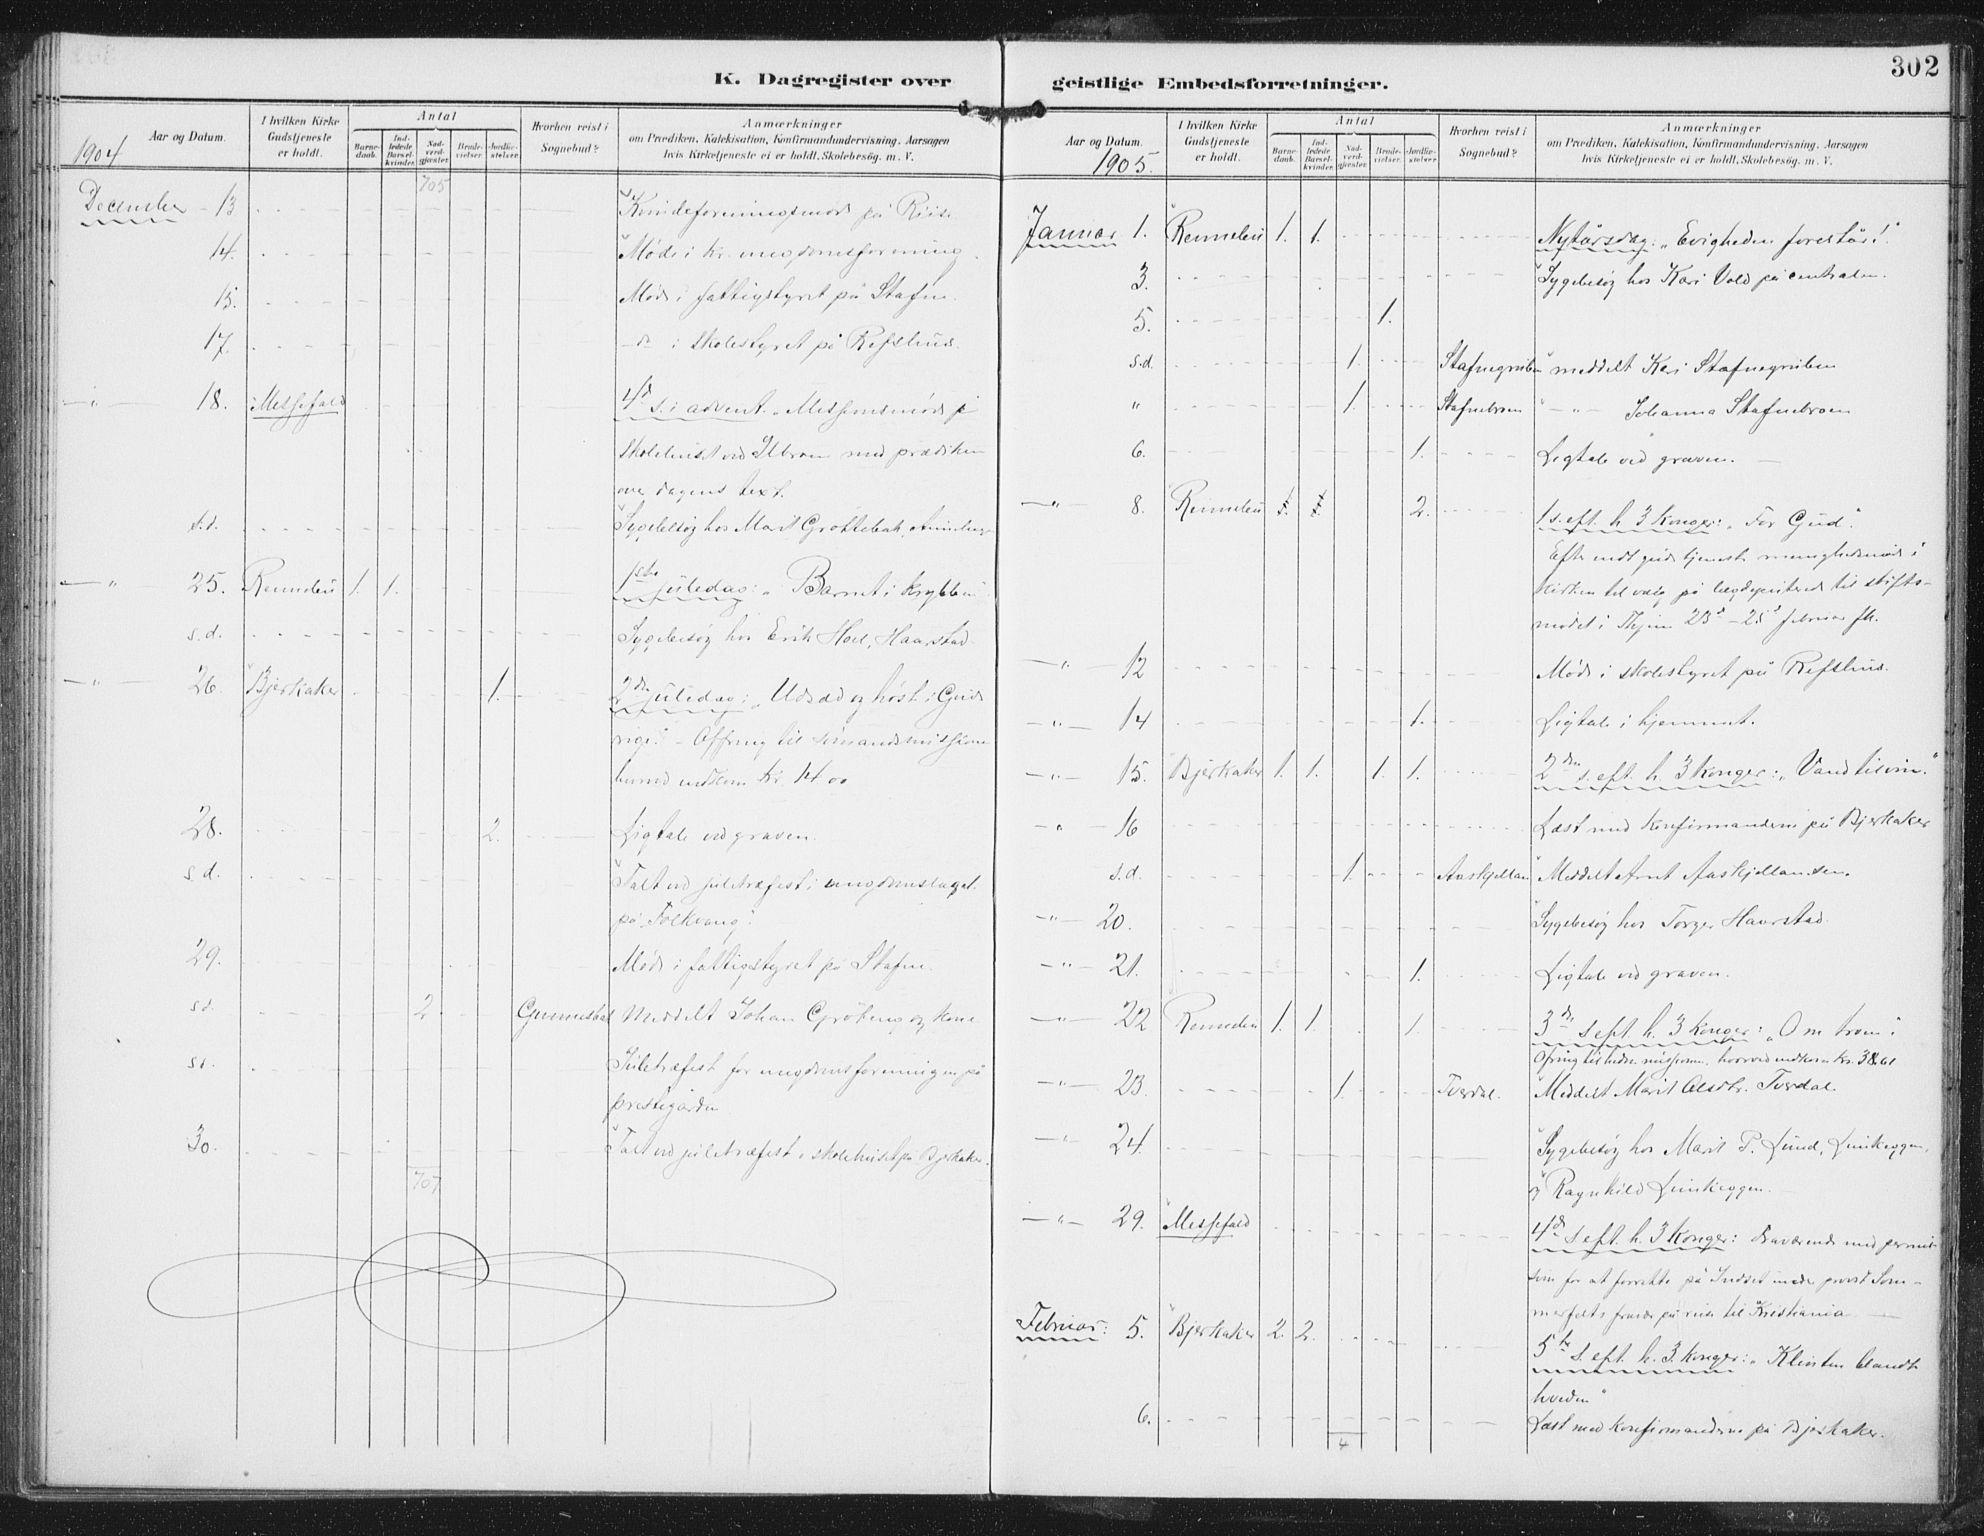 SAT, Ministerialprotokoller, klokkerbøker og fødselsregistre - Sør-Trøndelag, 674/L0872: Ministerialbok nr. 674A04, 1897-1907, s. 302